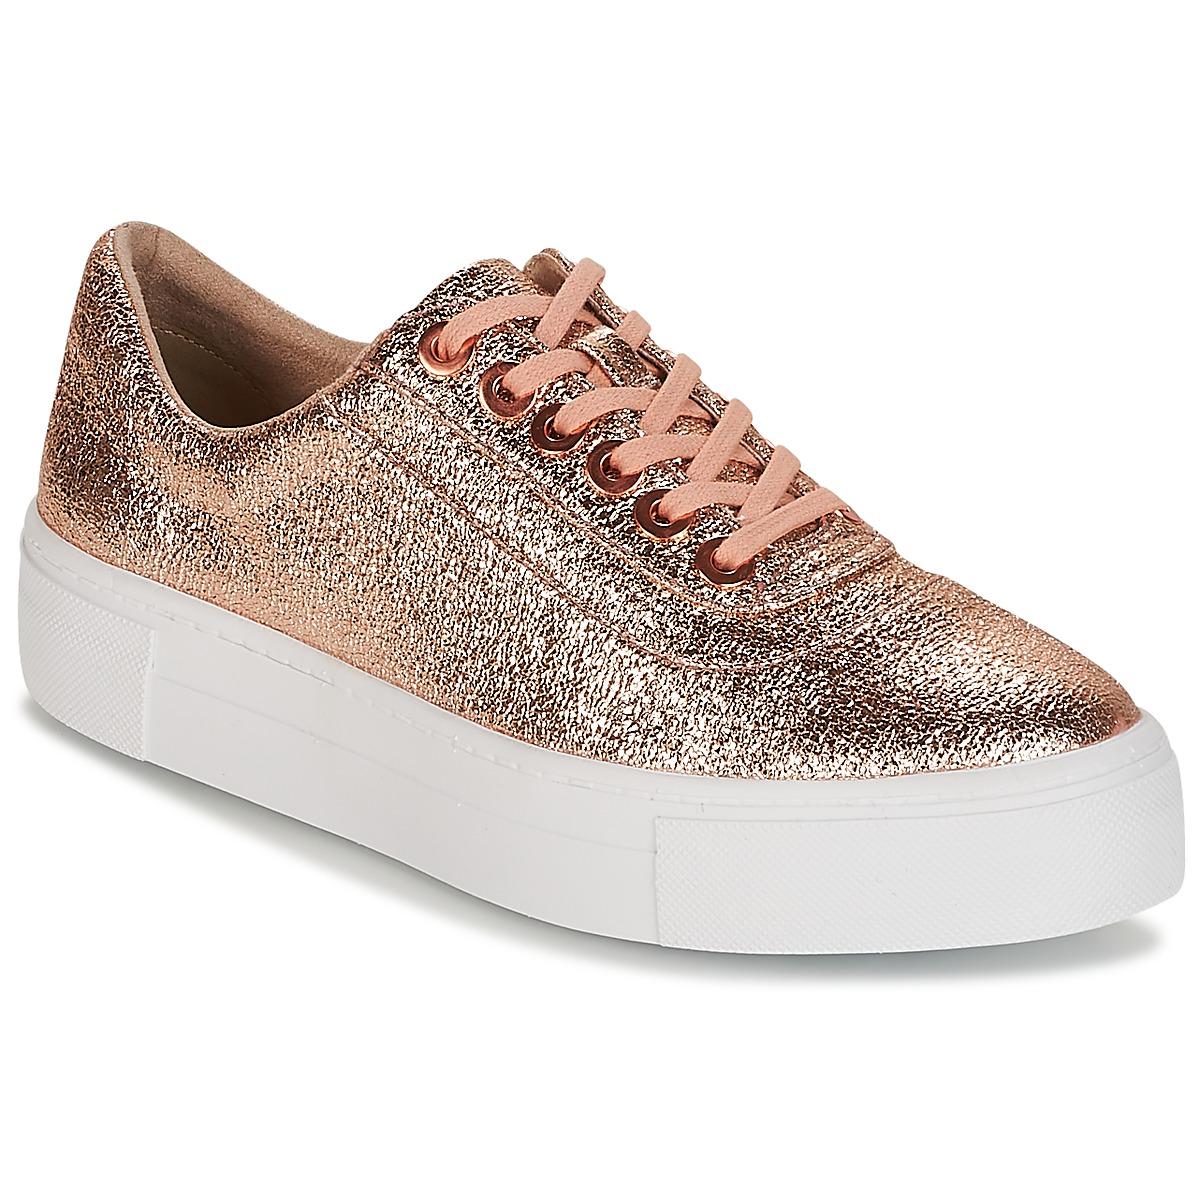 Tamaris FACAPI Rose - Kostenloser Versand bei Spartoode ! - Schuhe Sneaker Low Damen 42,00 €